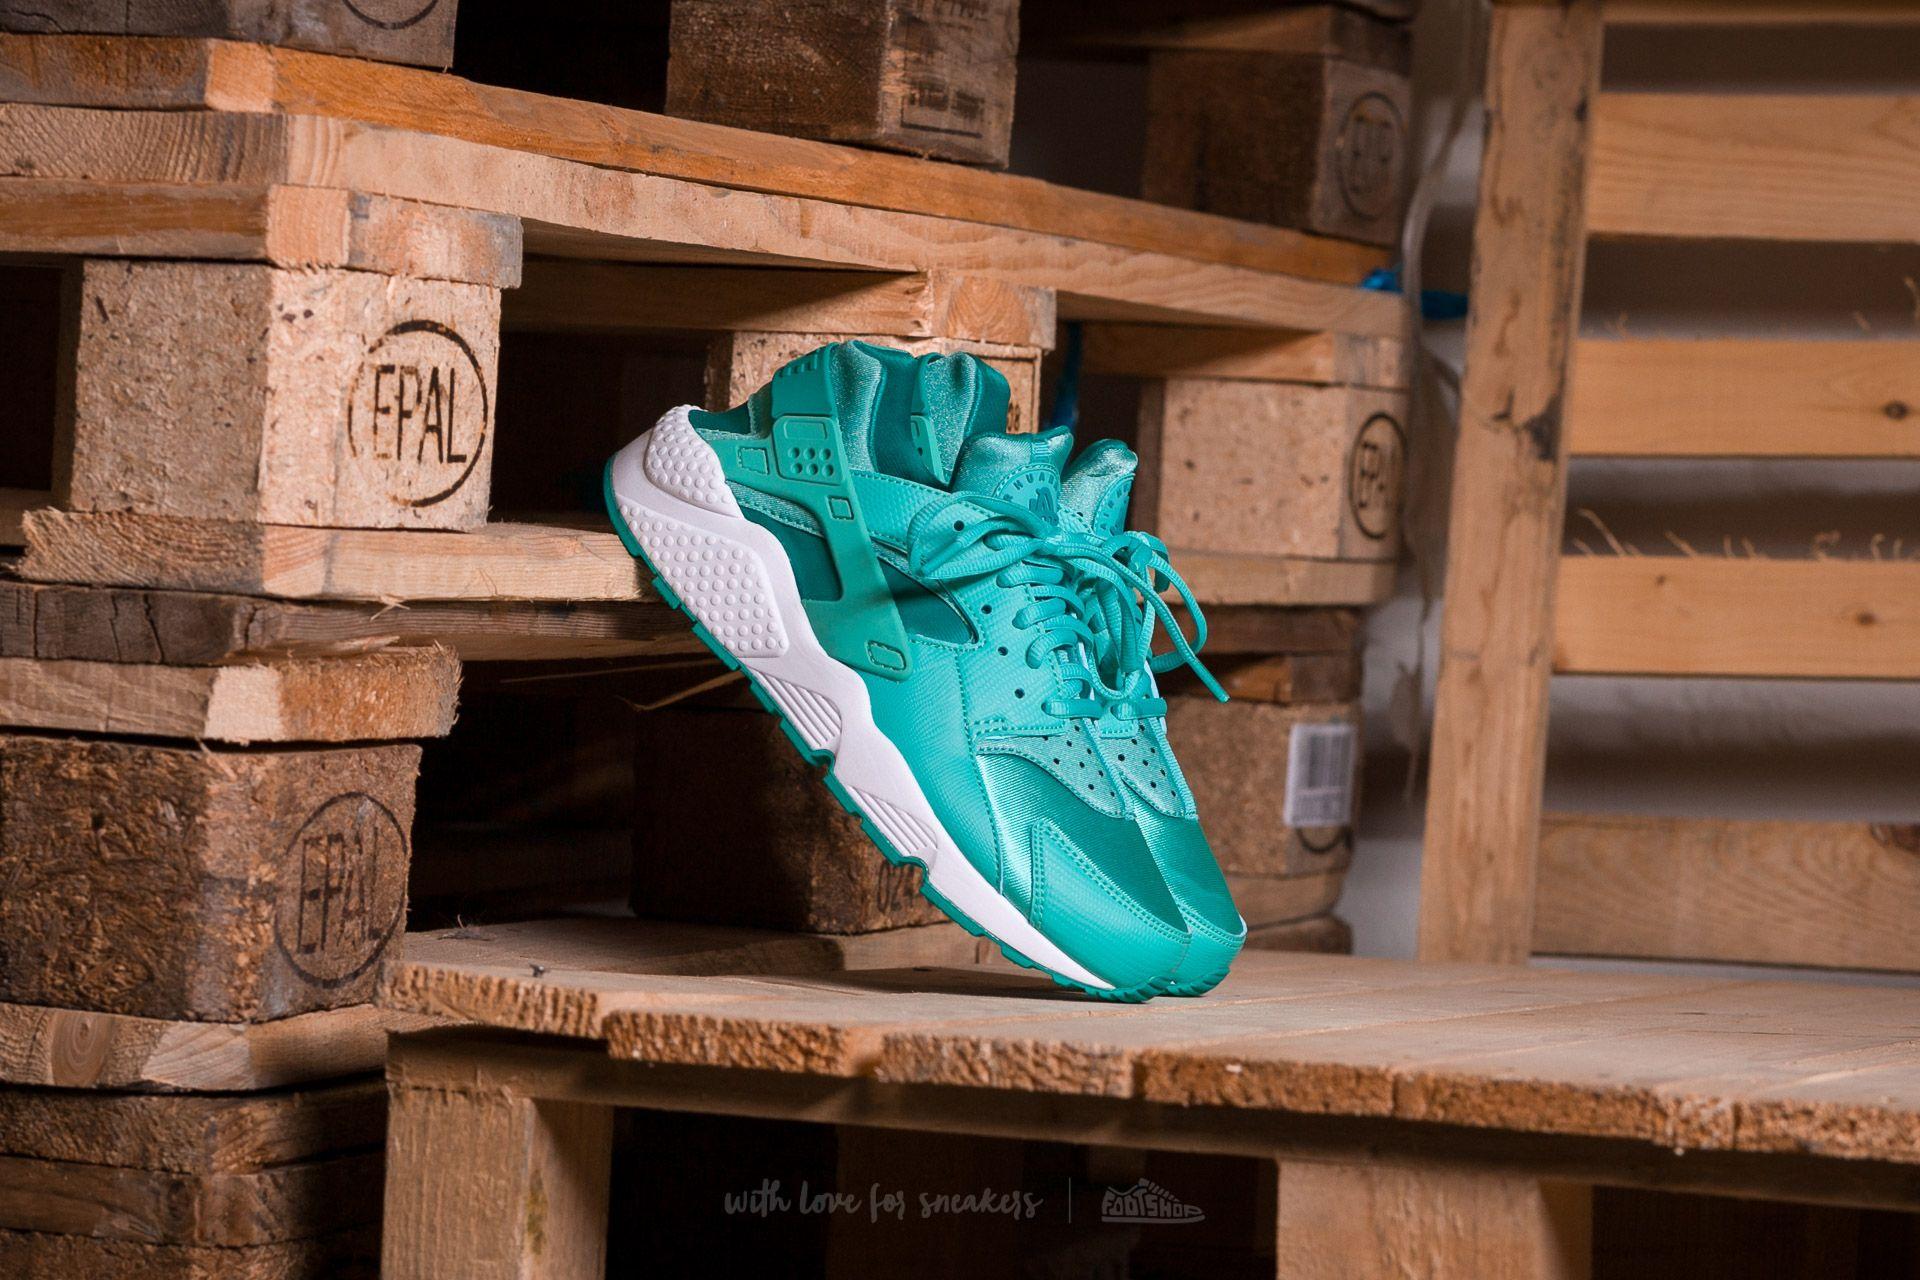 Nike Wmns Air Huarache Run Washed Teal/ Rio Teal